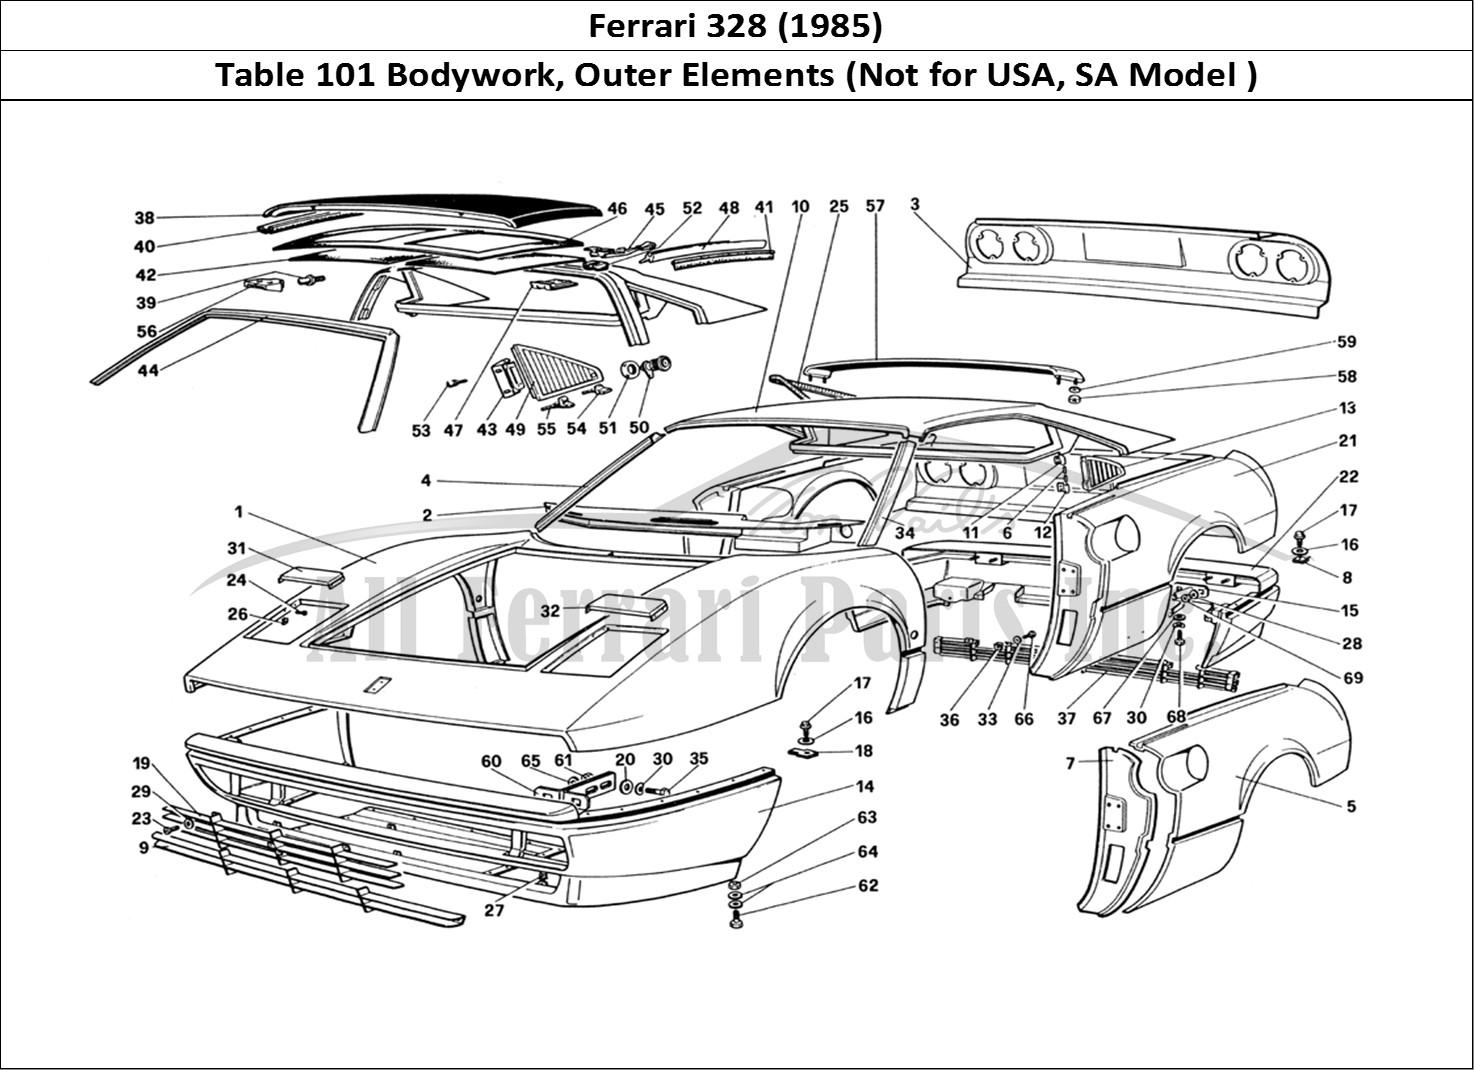 Buy Original Ferrari 328  1985  101 Bodywork  Outer Elements  Not For Usa  Sa Model   Ferrari